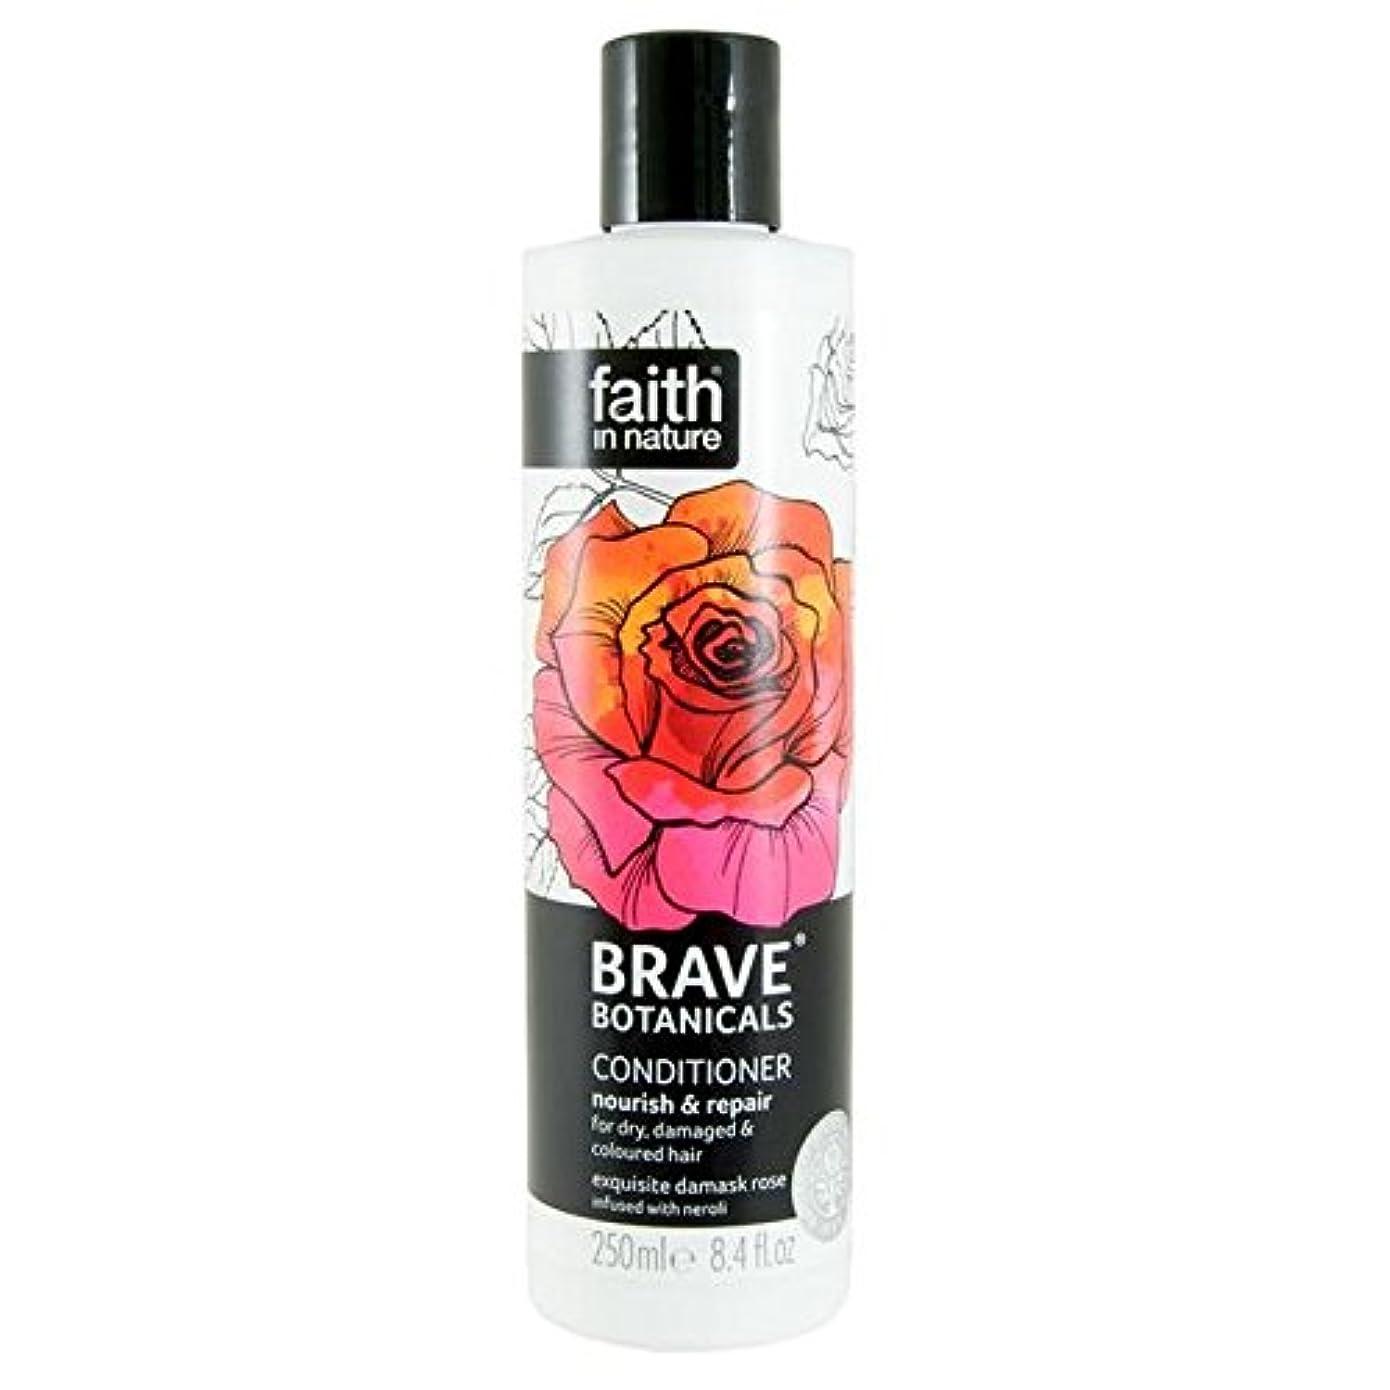 ハッチ認可どっちBrave Botanicals Rose & Neroli Nourish & Repair Conditioner 250ml - (Faith In Nature) 勇敢な植物は、ローズ&ネロリは養う&リペアコンディショナー...